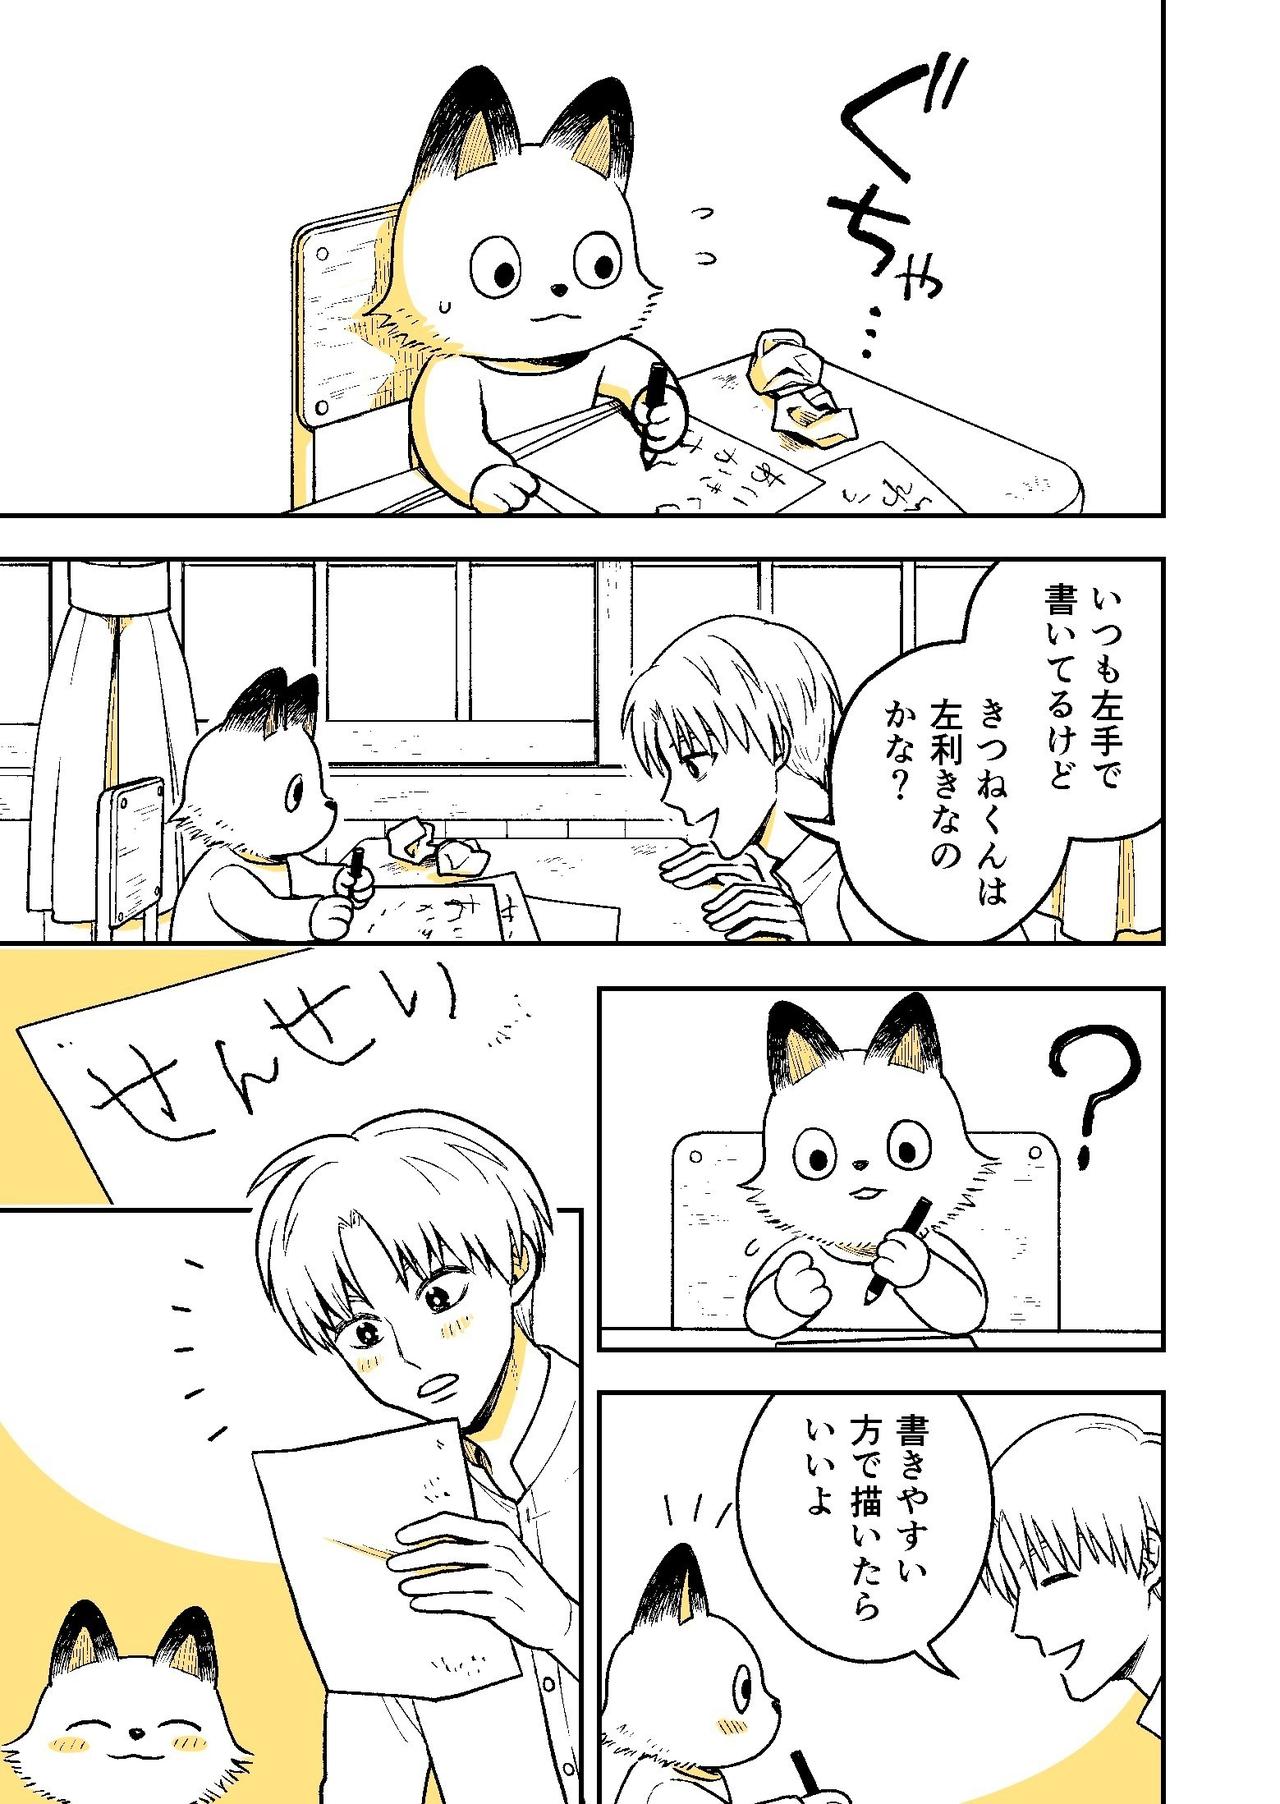 身だしなみ_045